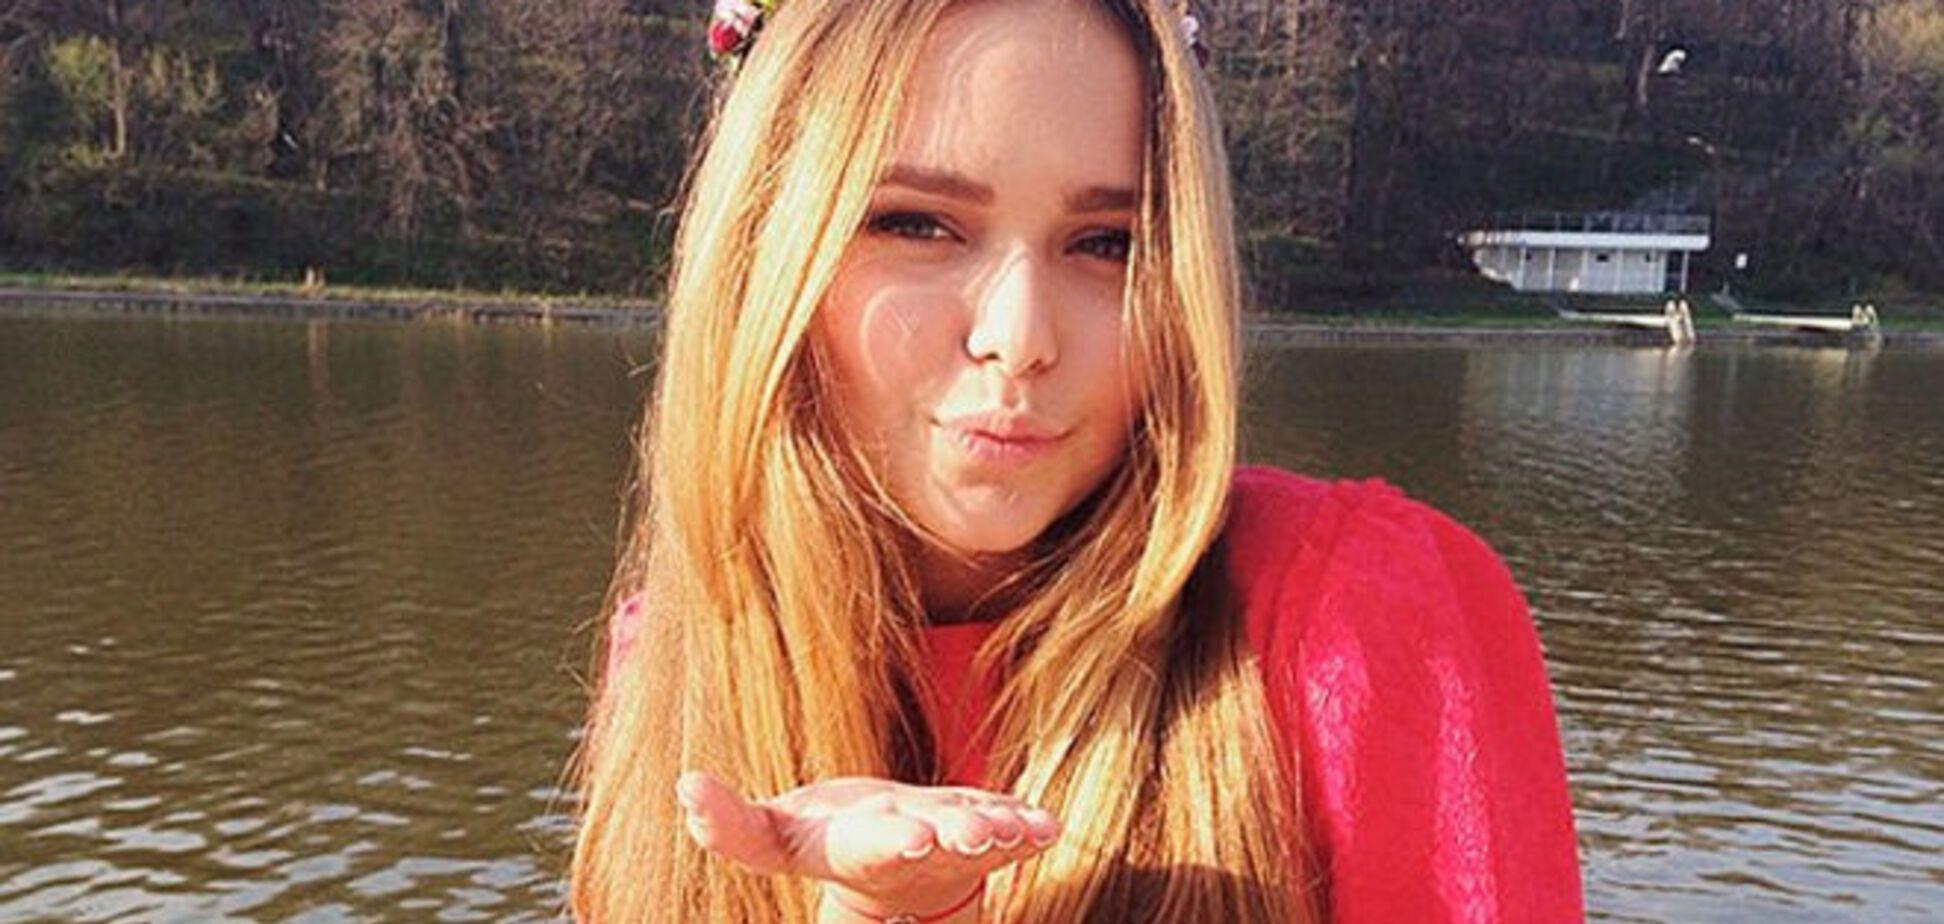 Фото 15-летней дочки Дмитрия Маликова вызвало скандал